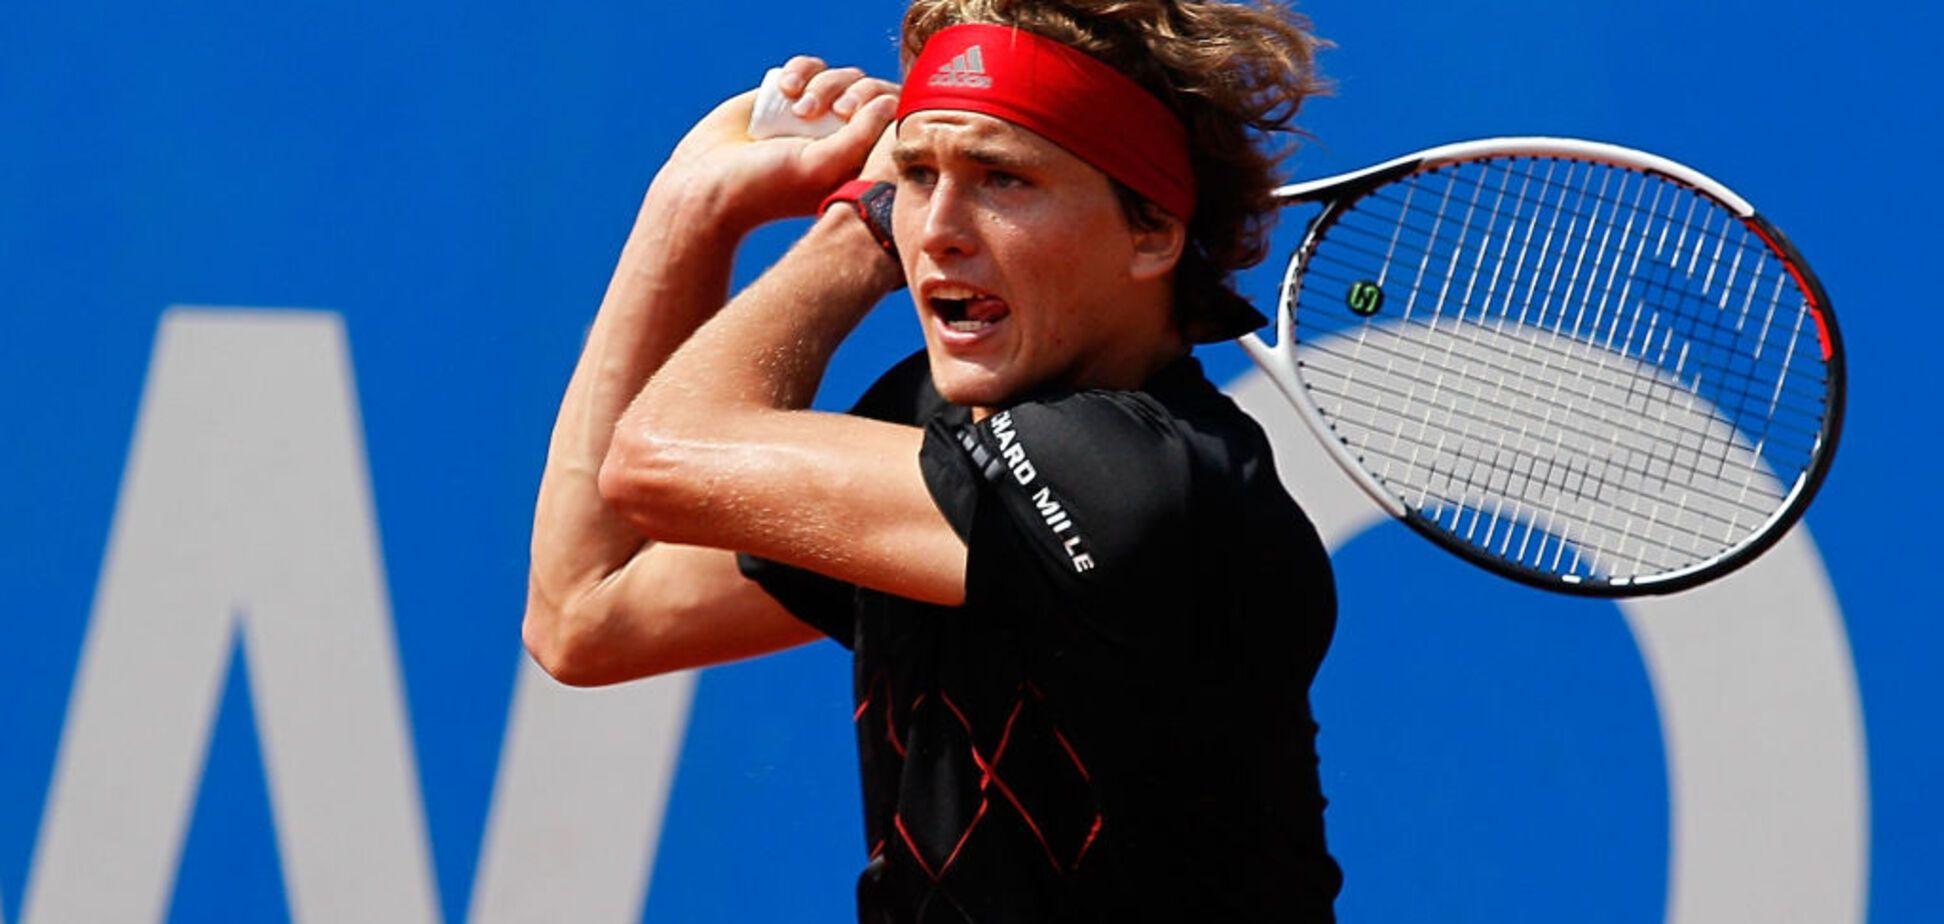 'Нет ничего': один из лучших теннисистов мира отрекся от России